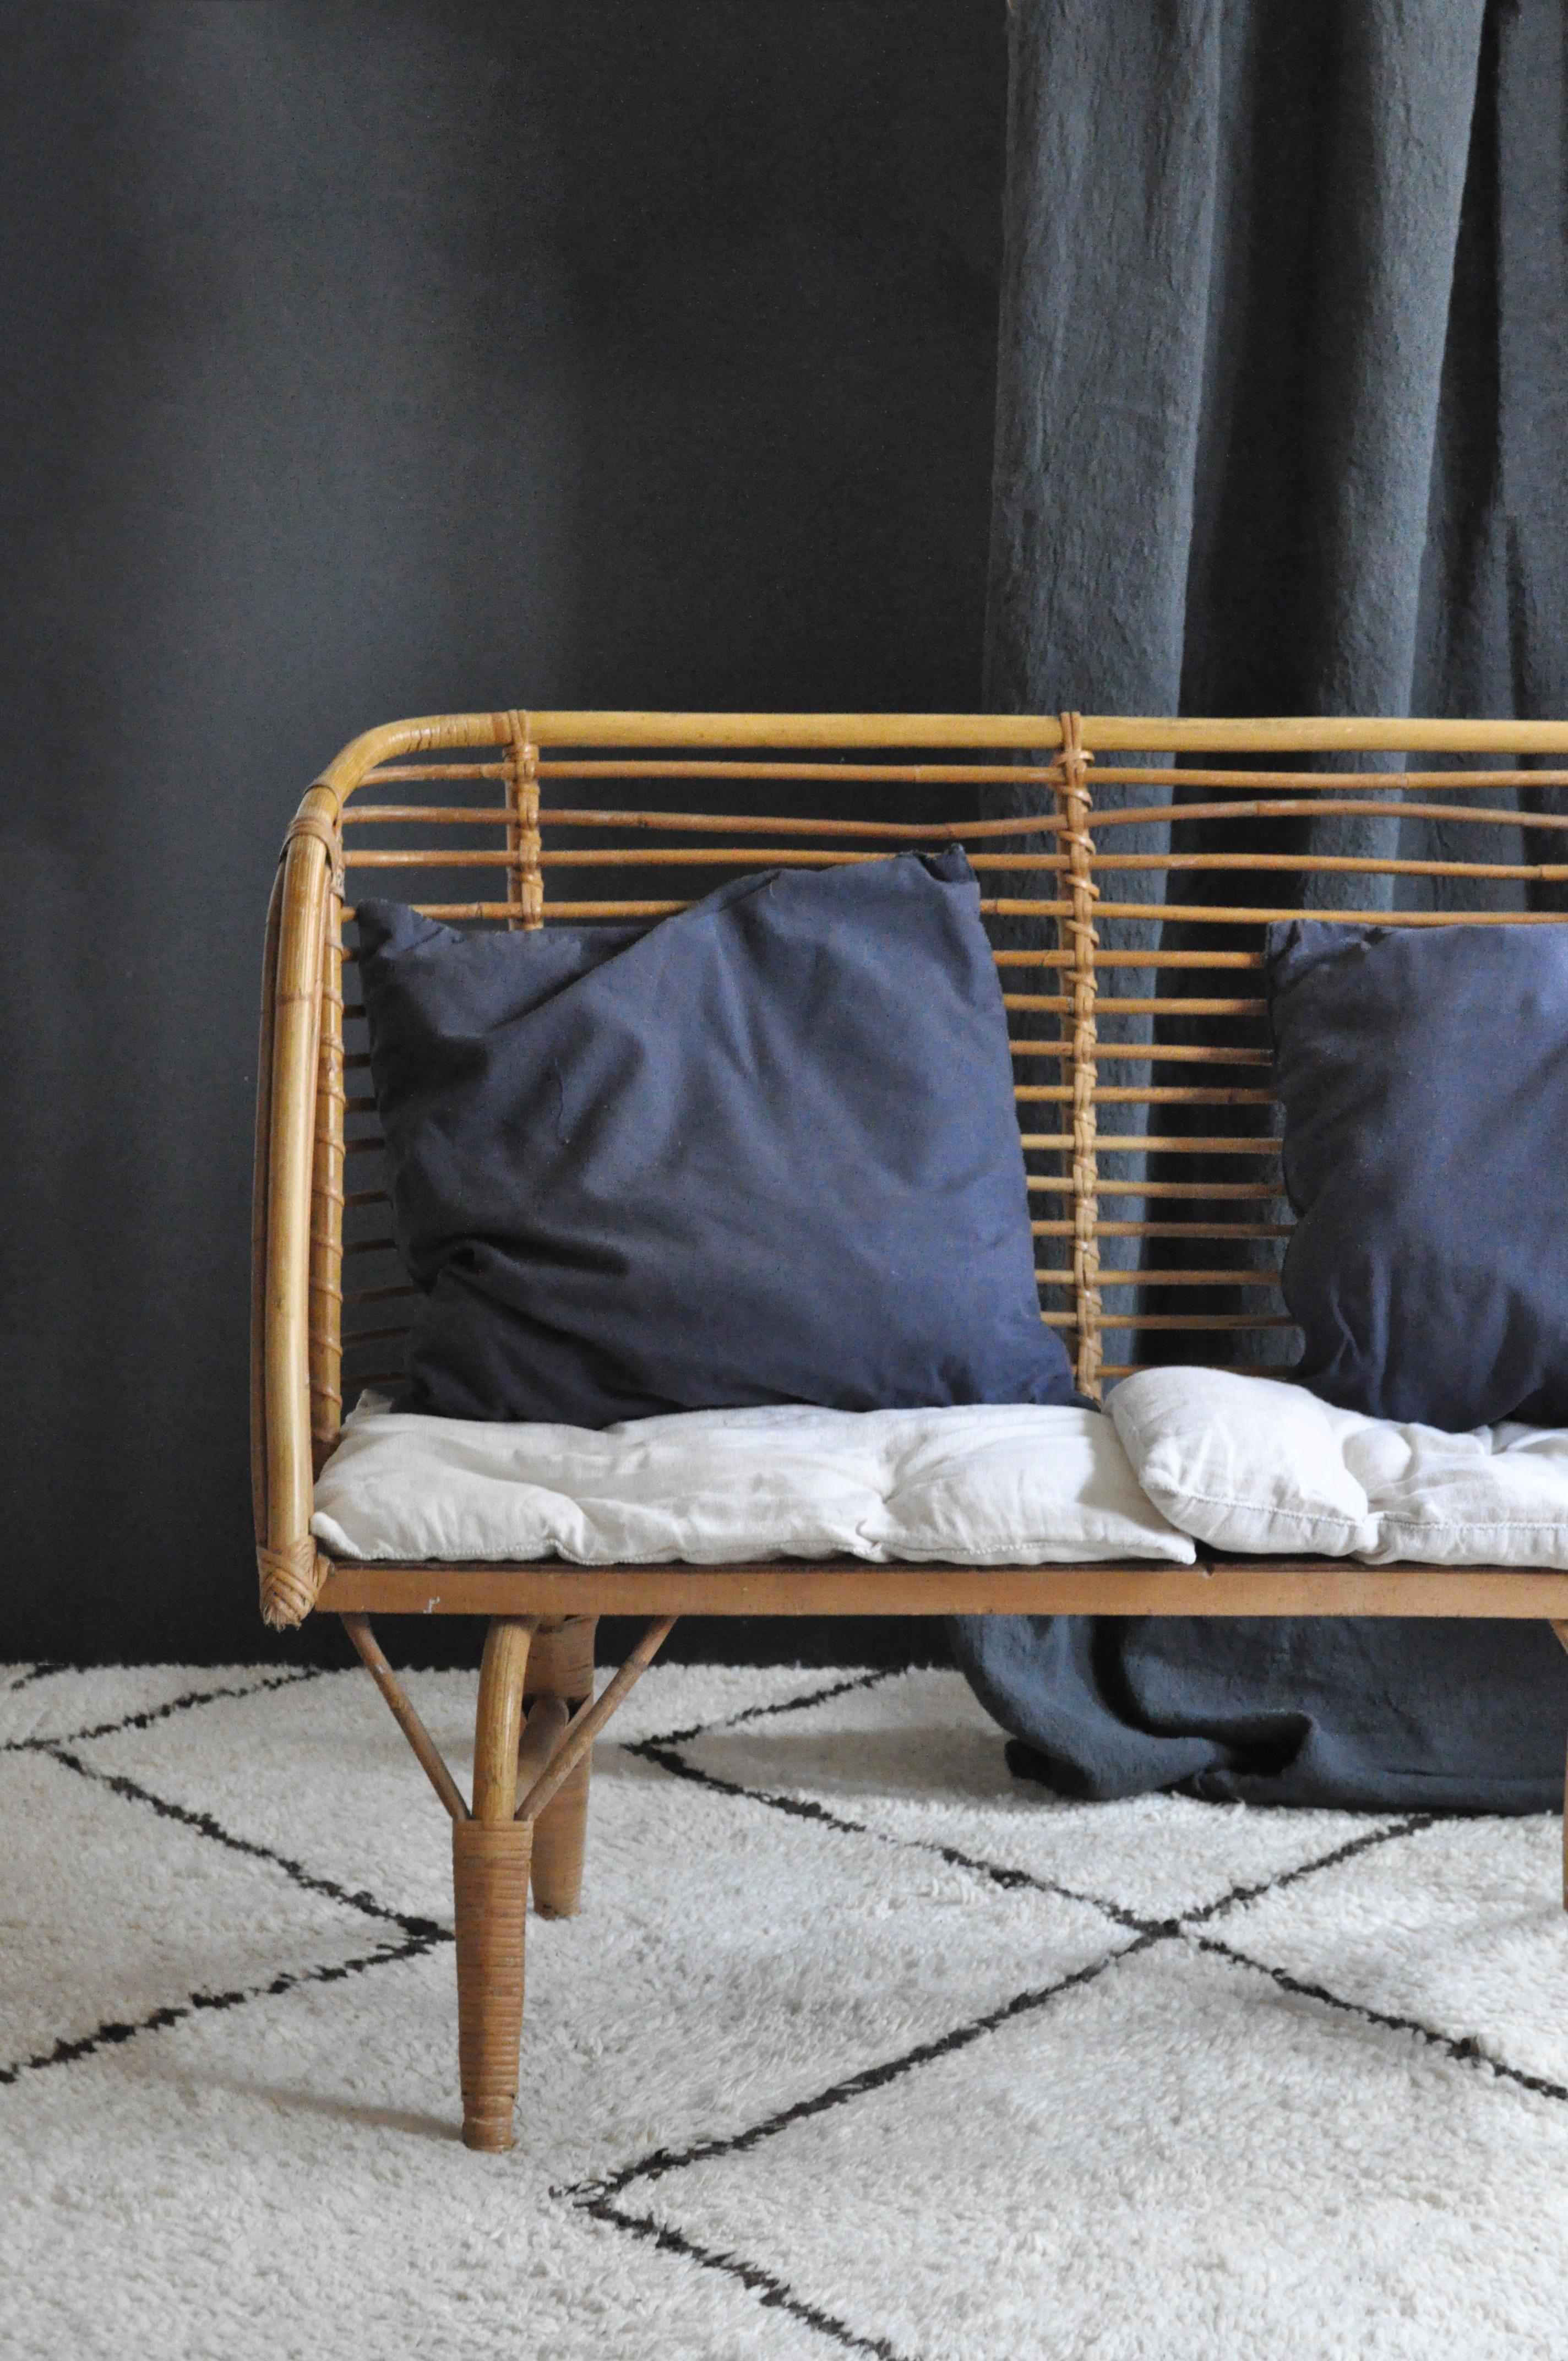 banquette en rotin le vide grenier d 39 une parisienne. Black Bedroom Furniture Sets. Home Design Ideas